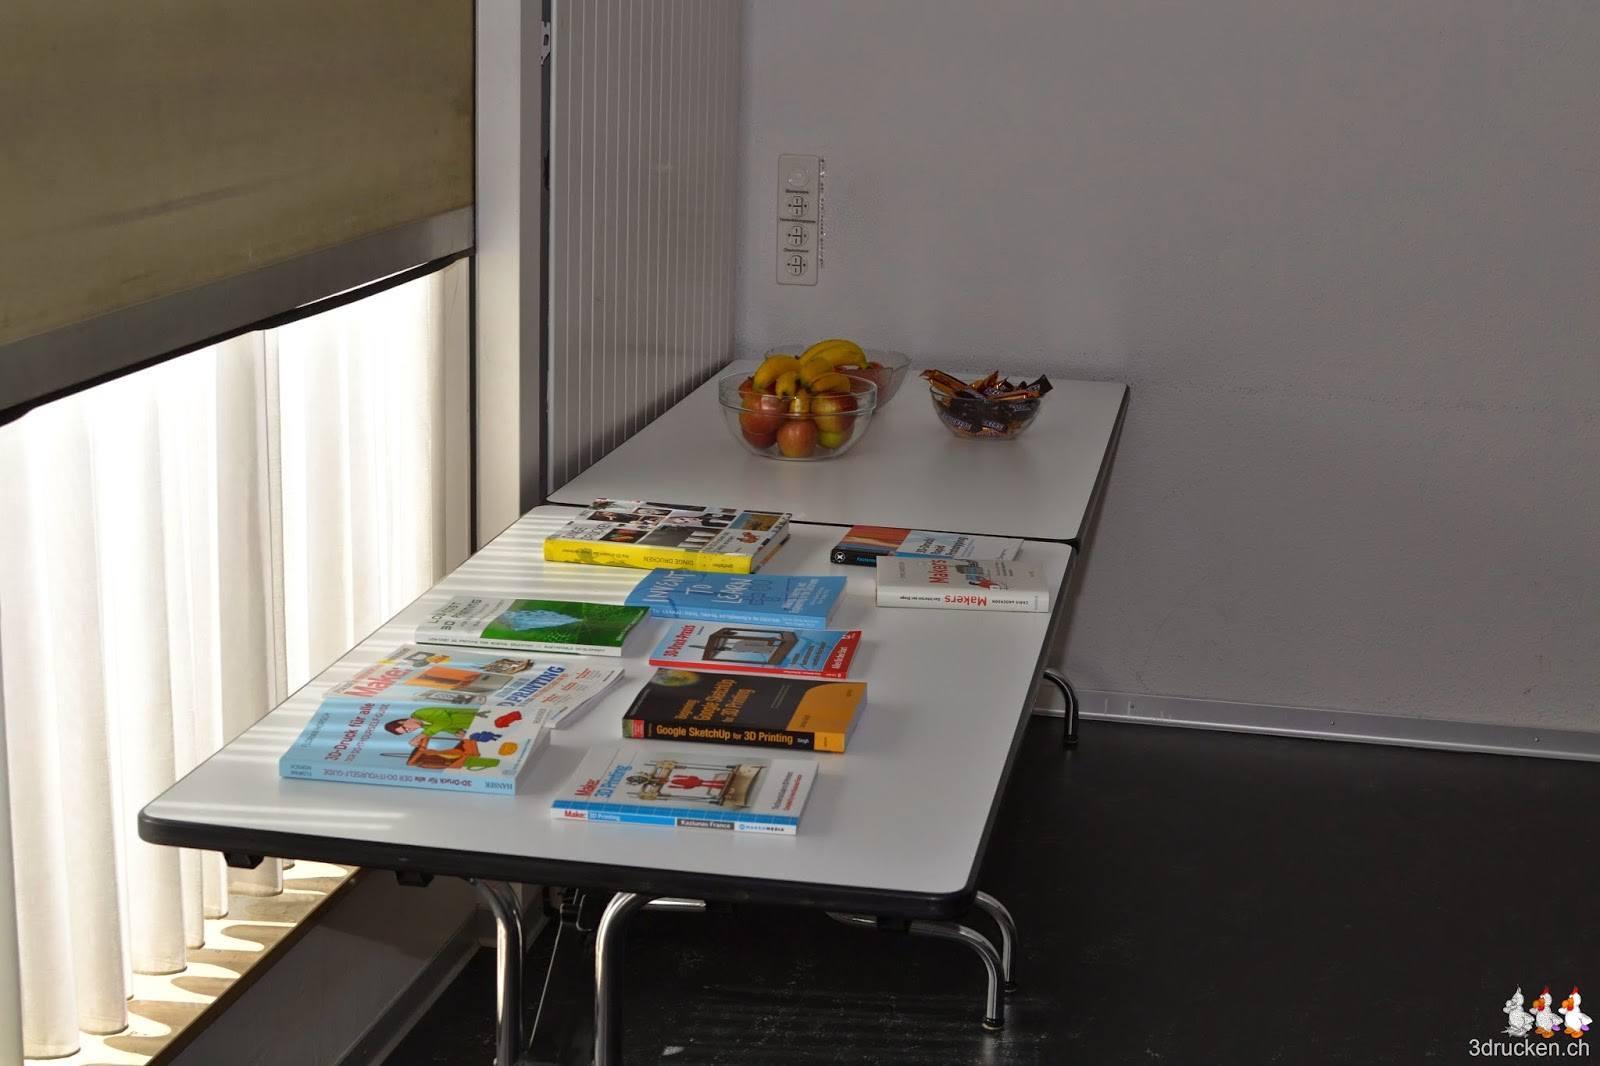 Foto der auf einem Tisch ausgelegten Fachliteratur zu 3D-Drucken (in der Schule) und FabLab, Maker, Design